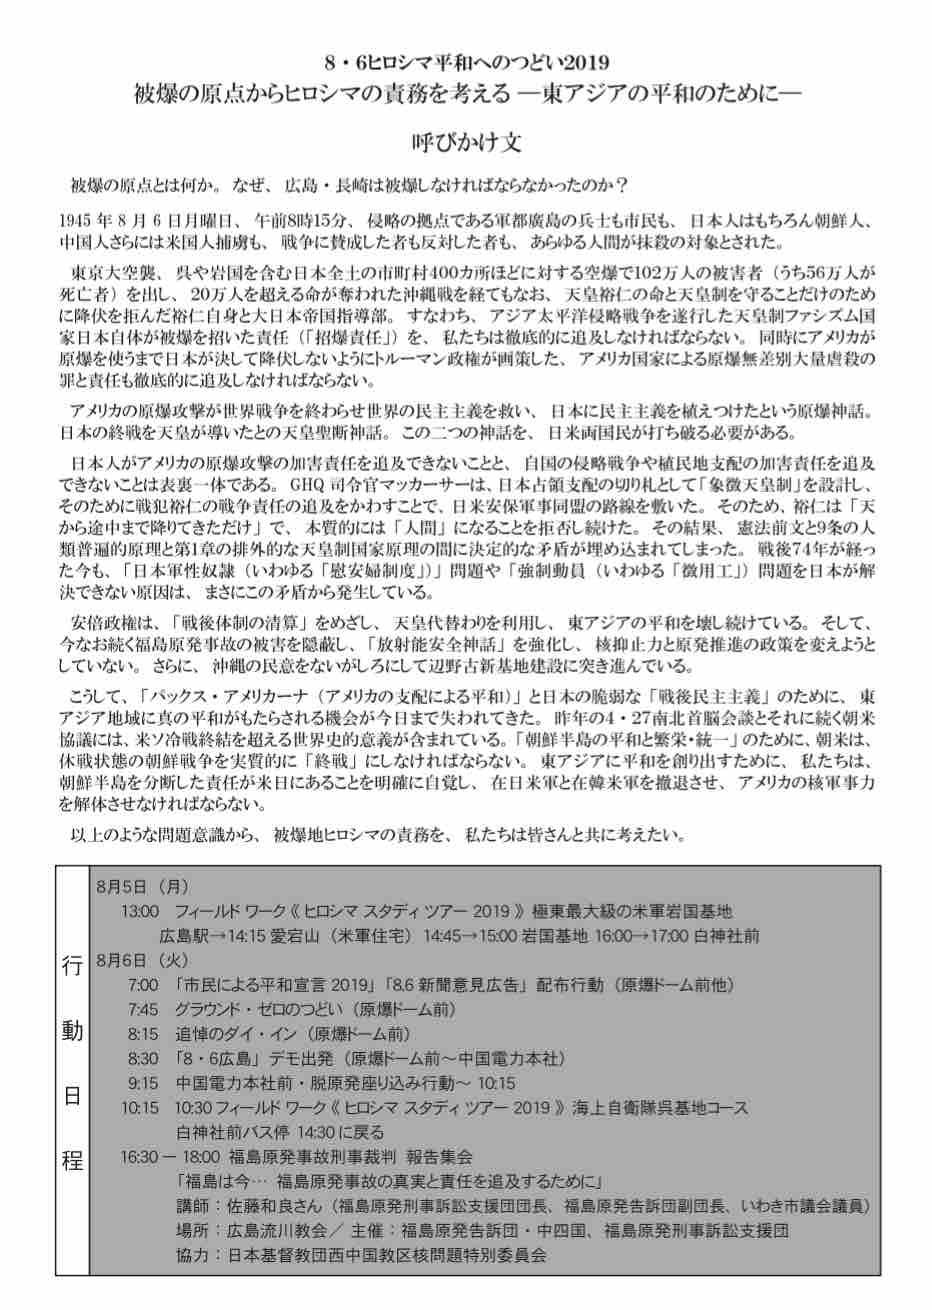 被爆74周年、原水爆禁止広島大会・ヒロシマ平和の集いへ_e0068696_16361667.jpg